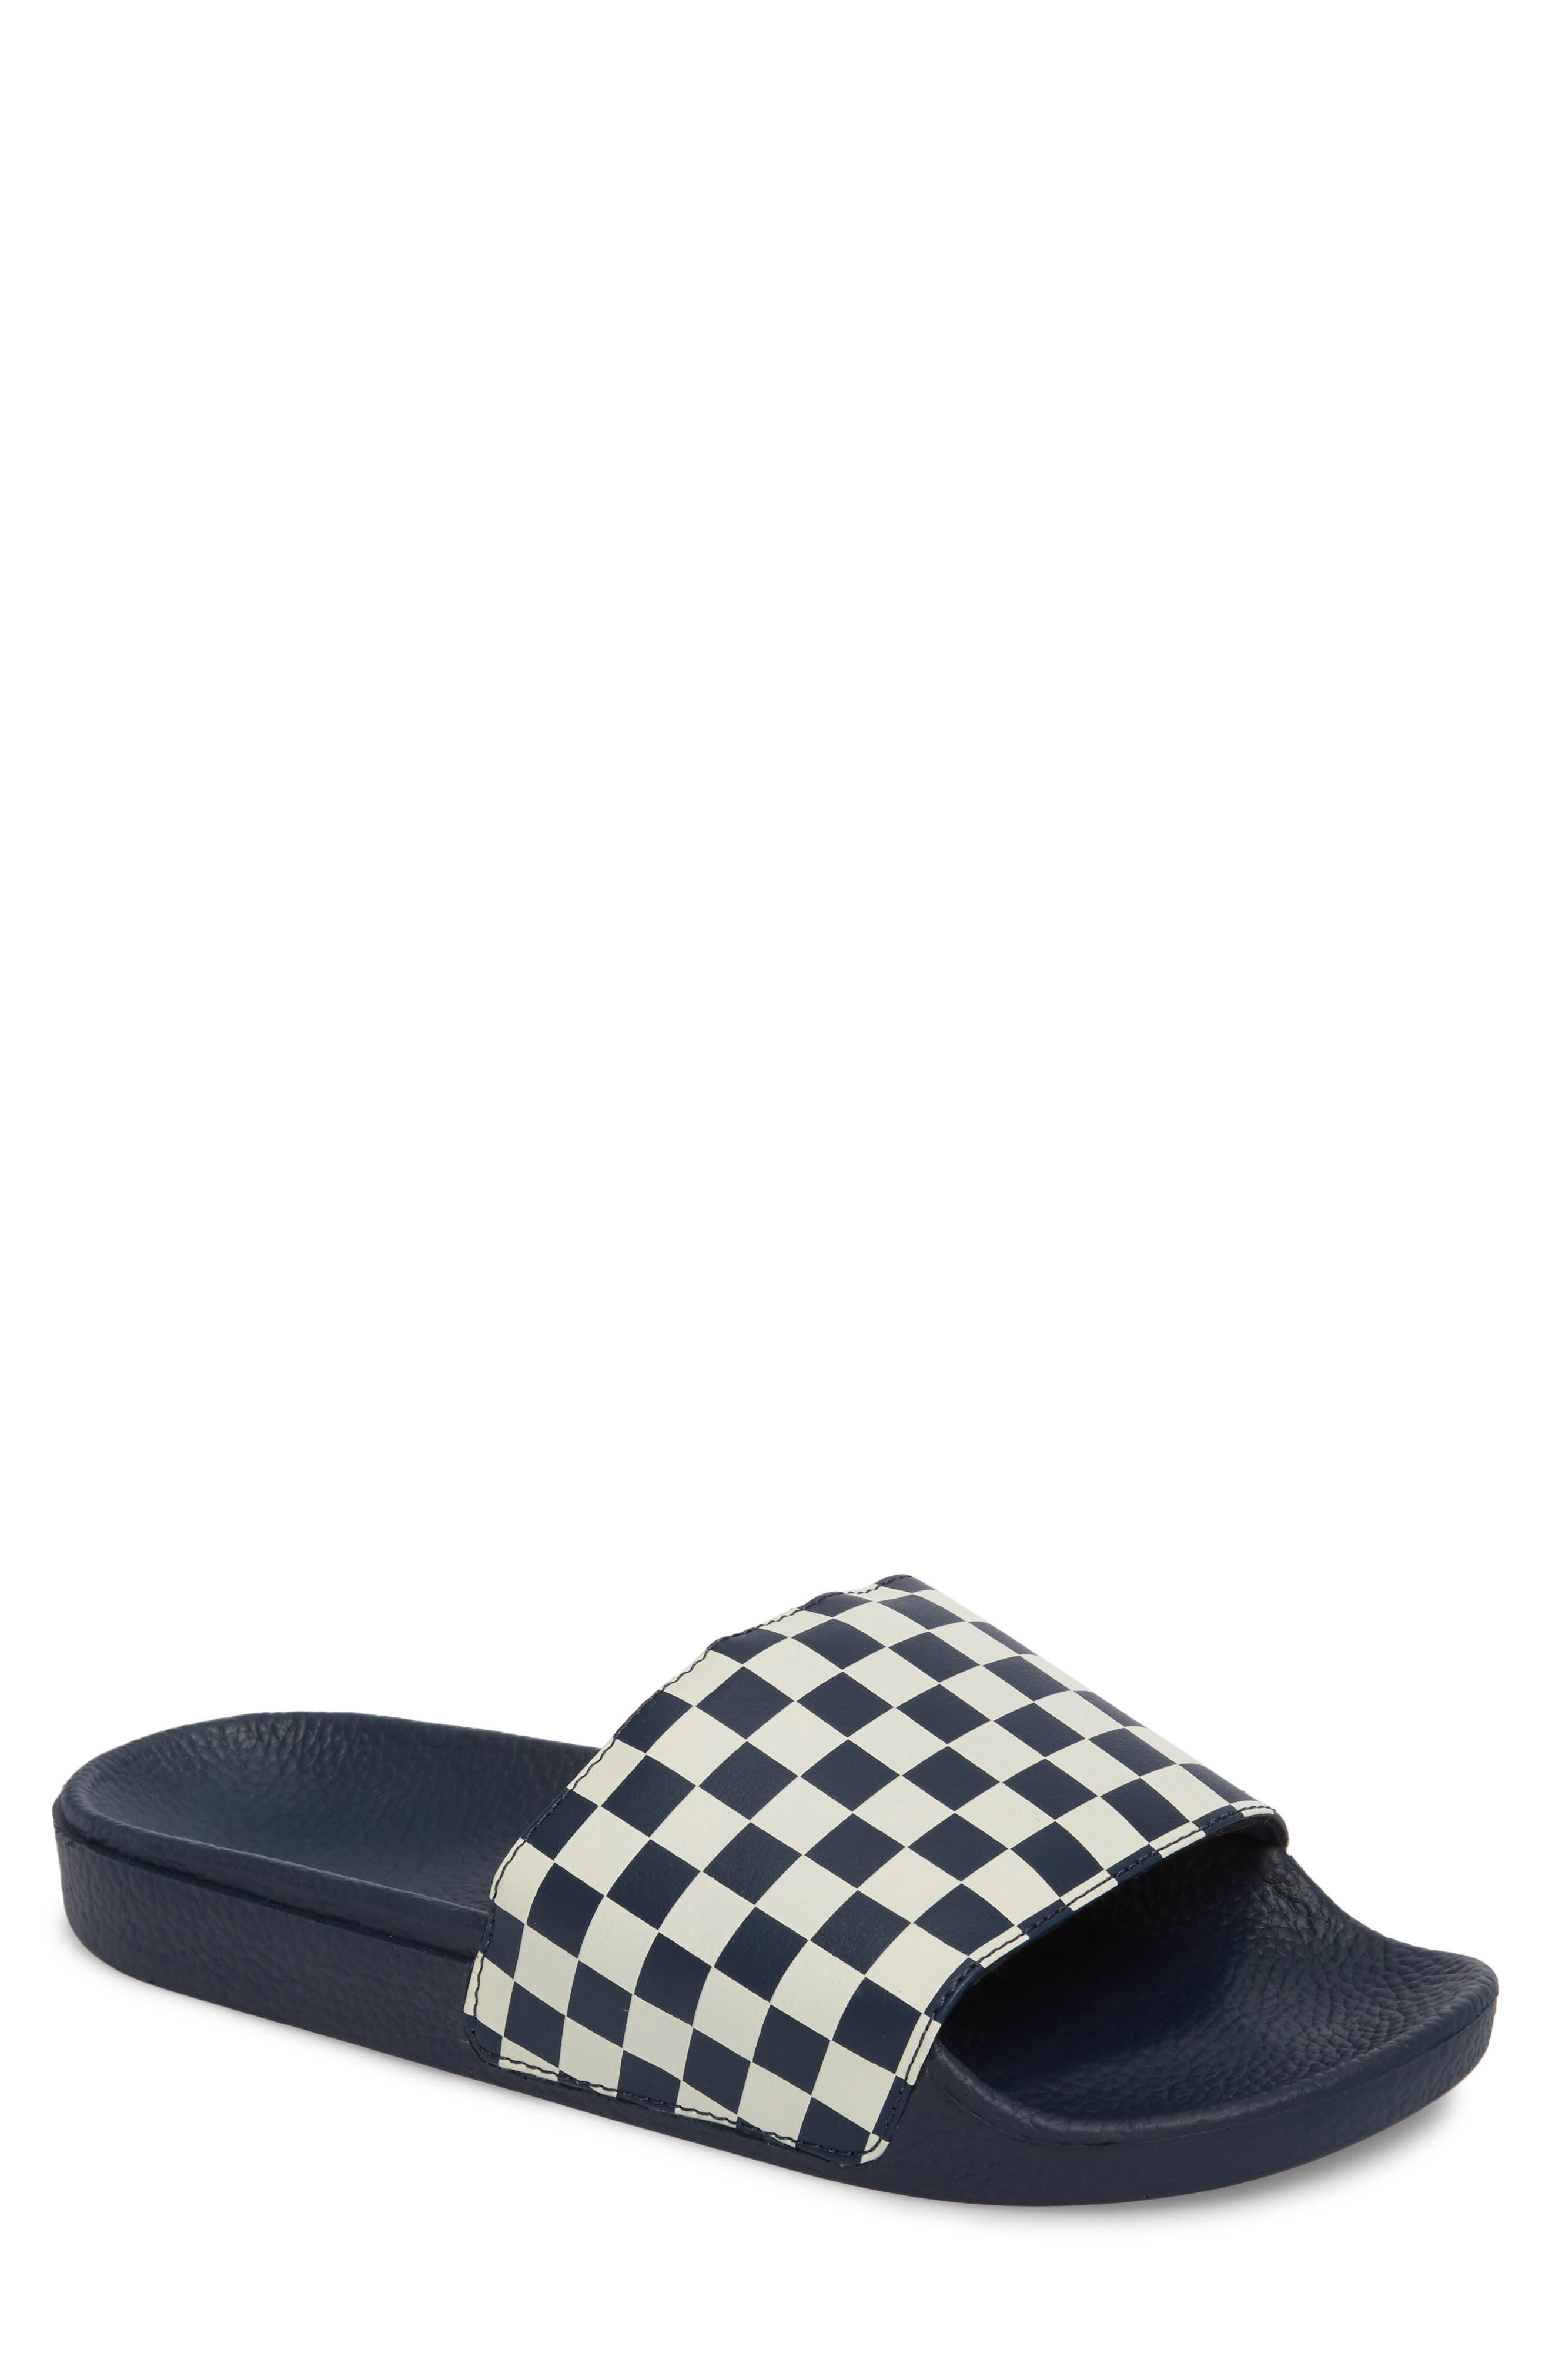 'Slide-On' Slide Sandal,                         Main,                         color, 400